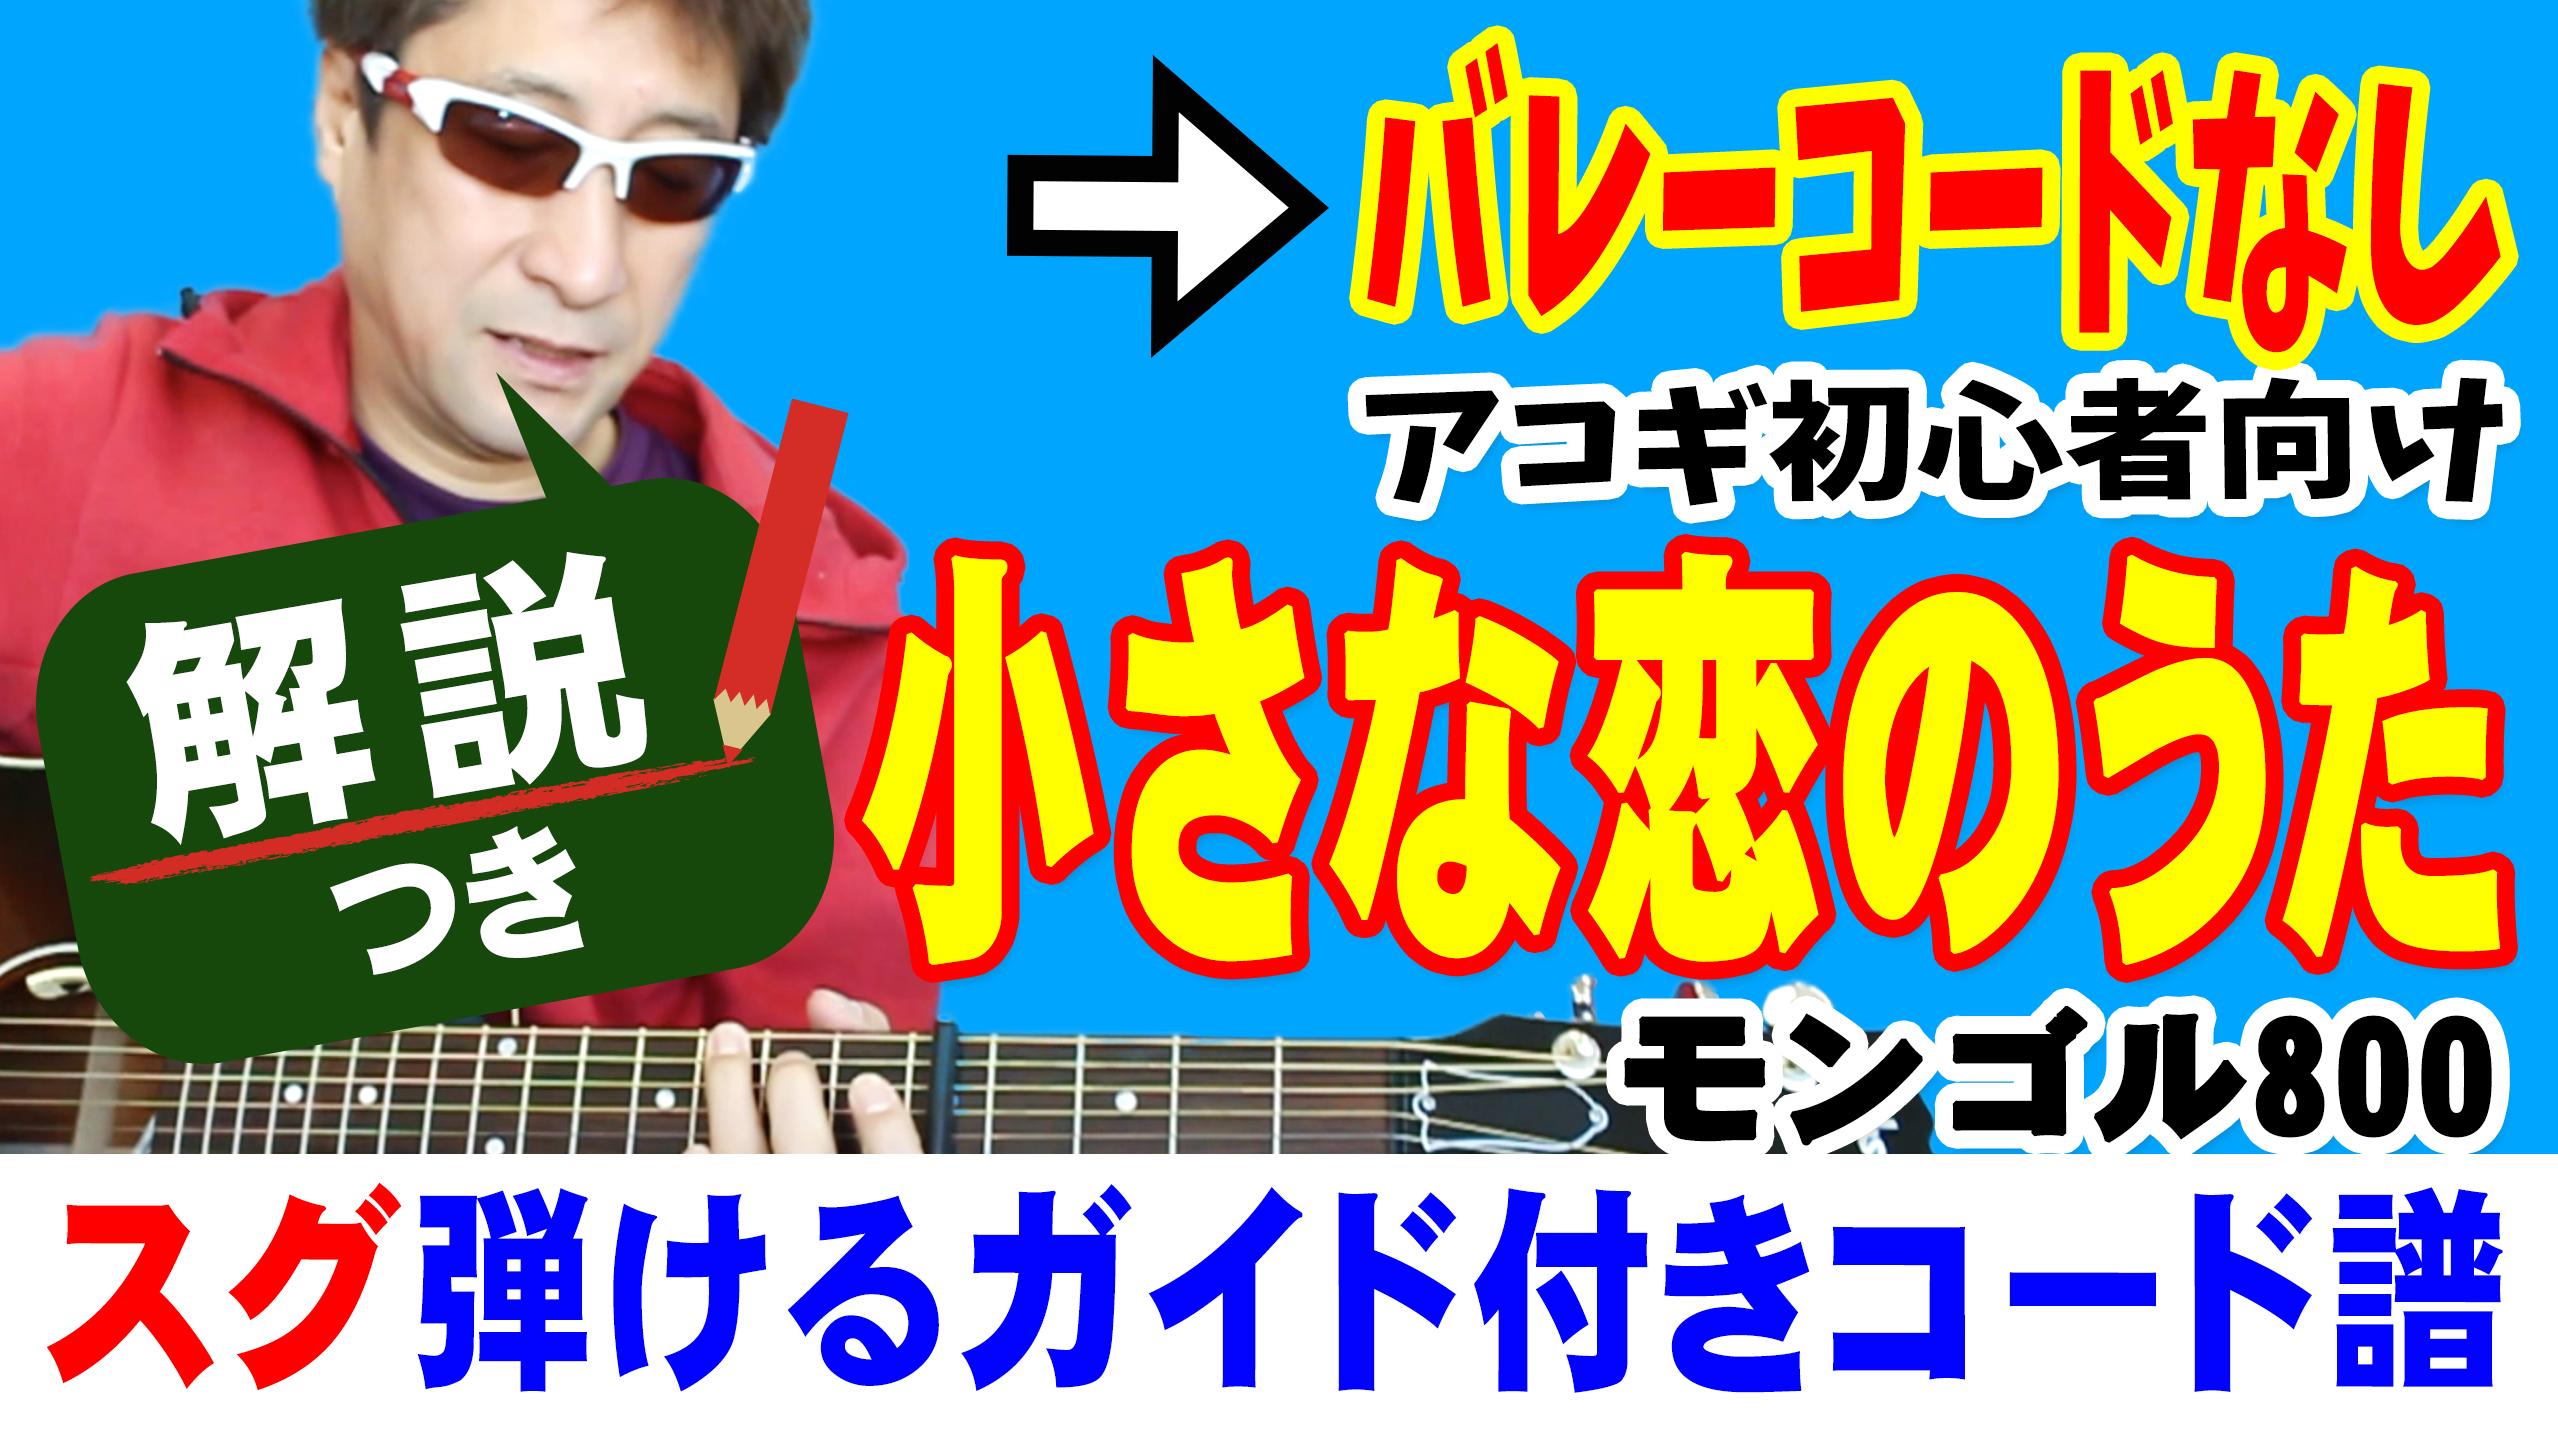 歌 の 小さな ギター 恋